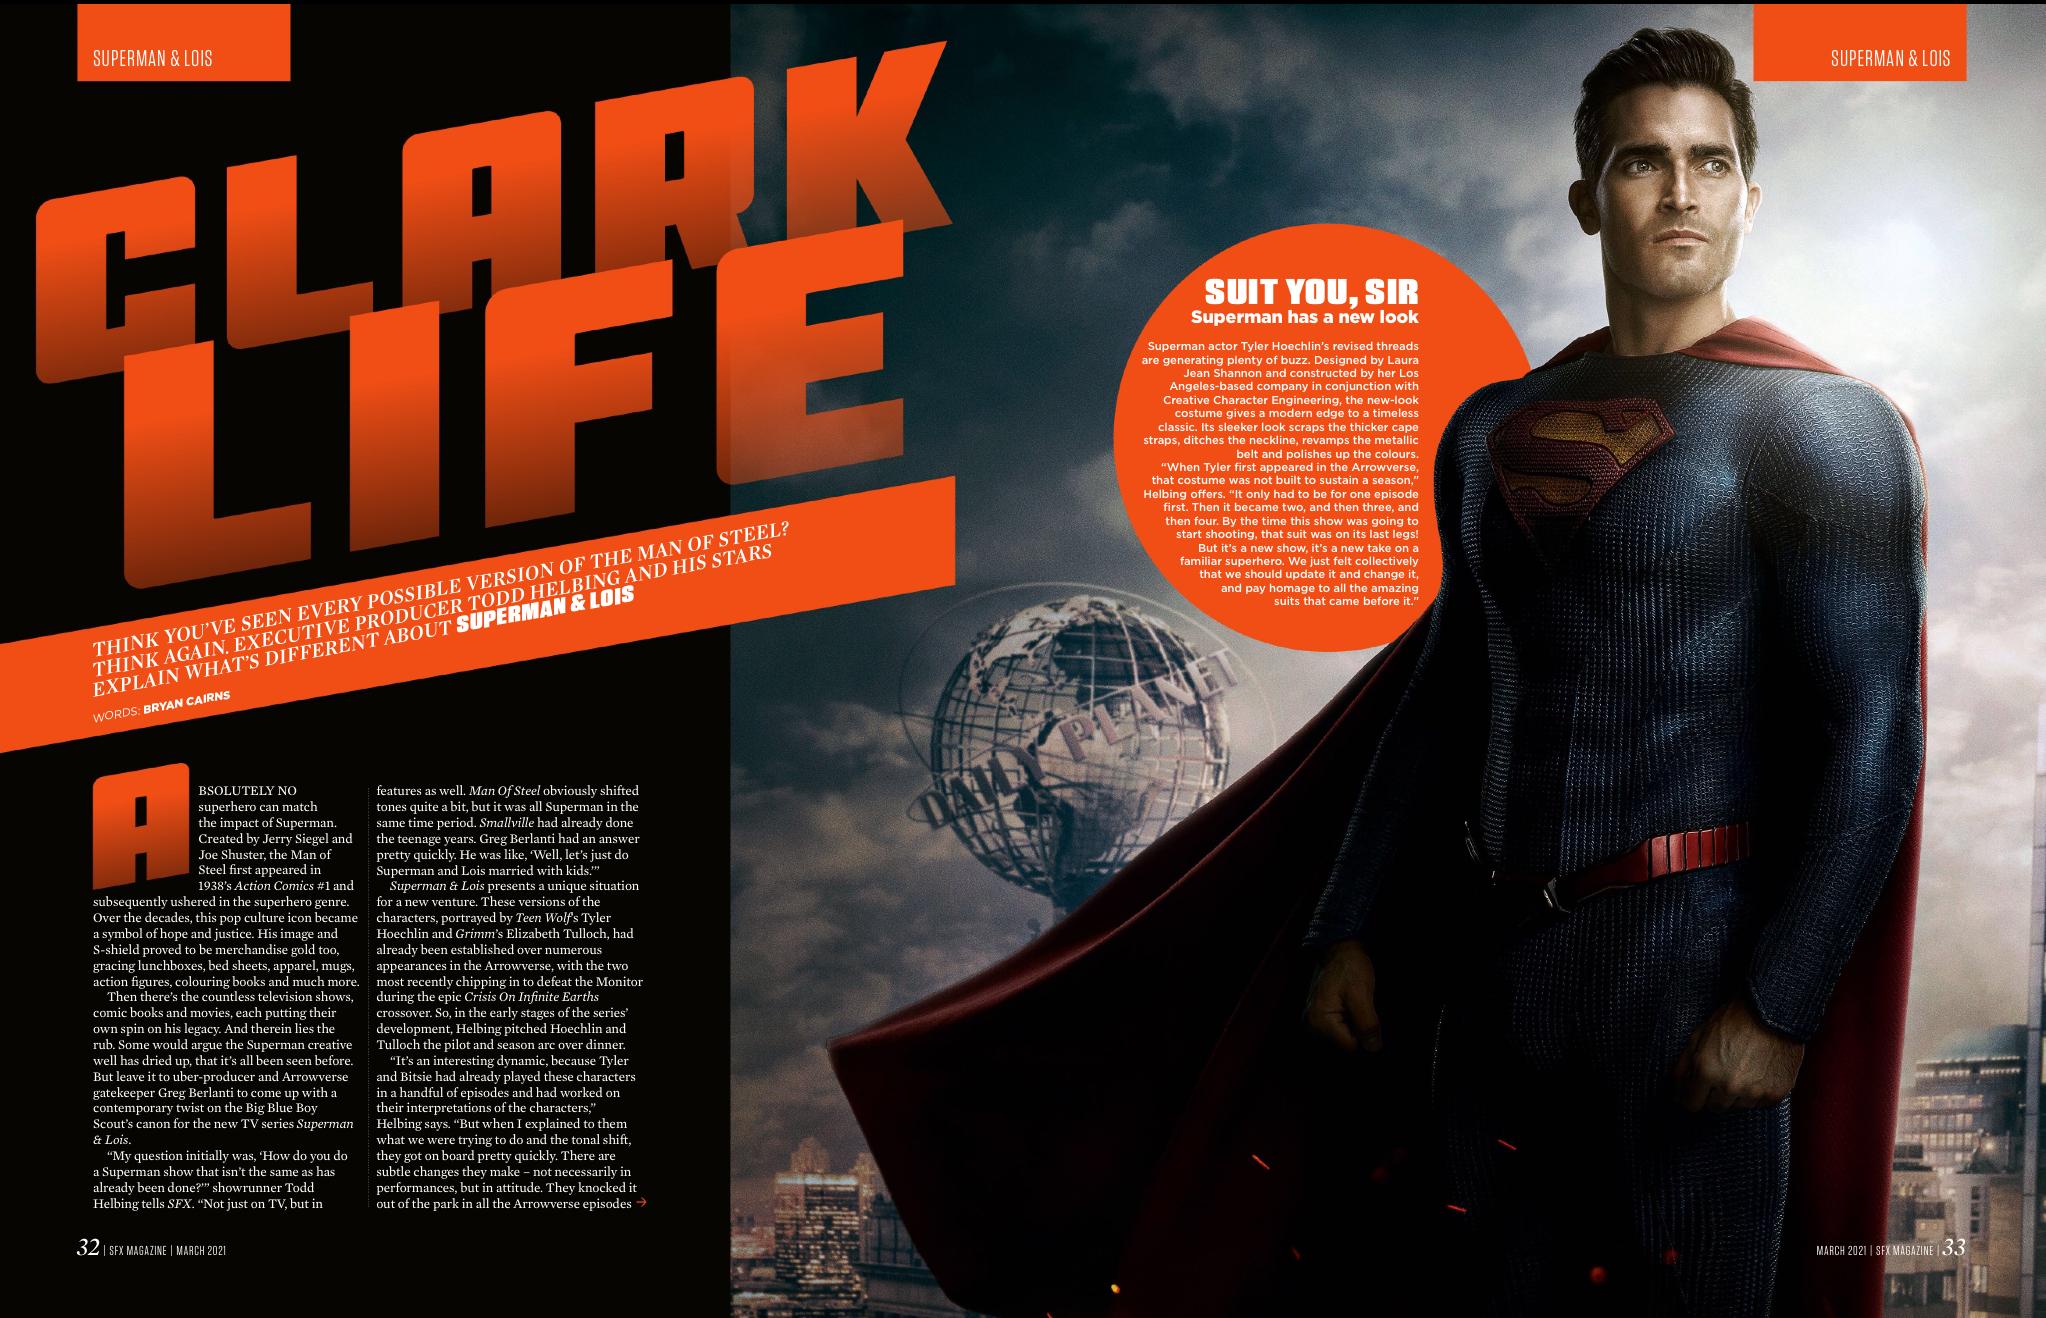 La función de Superman & Lois del número 337 de SFX.